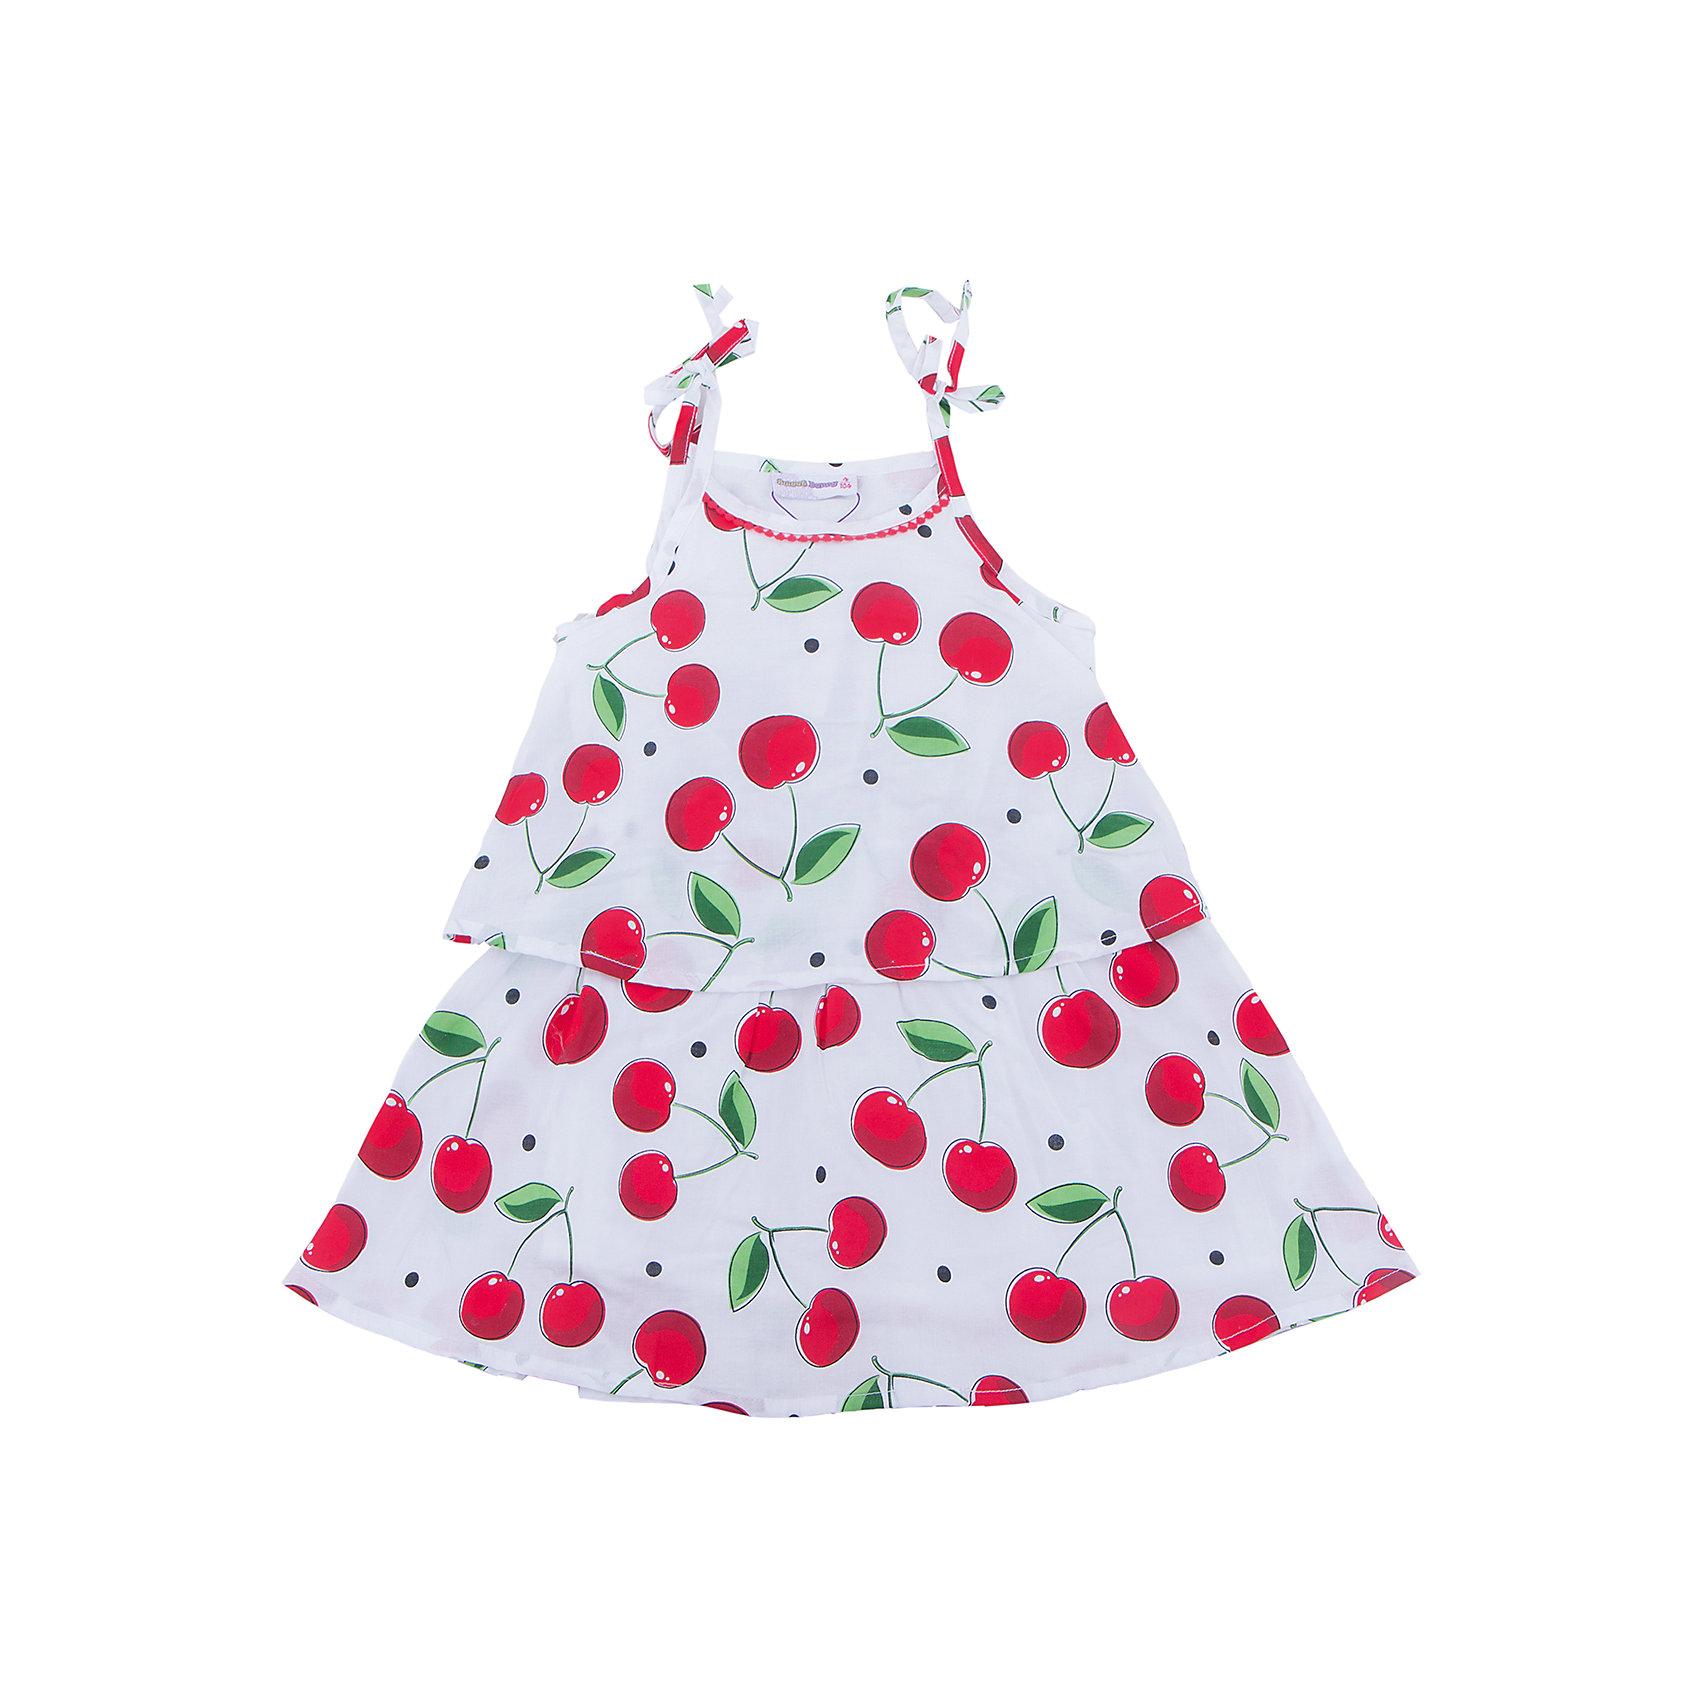 Платье для девочки Sweet BerryПлатья и сарафаны<br>Хлопковое платье для девочки из принтованной ткани на регулируемых бретелях. Свободный крой.<br>Состав:<br>Верх: 100% хлопок  Подкладка: 100% хлопок<br><br>Ширина мм: 236<br>Глубина мм: 16<br>Высота мм: 184<br>Вес г: 177<br>Цвет: белый<br>Возраст от месяцев: 36<br>Возраст до месяцев: 48<br>Пол: Женский<br>Возраст: Детский<br>Размер: 104,98,110,128,116,122<br>SKU: 5410108